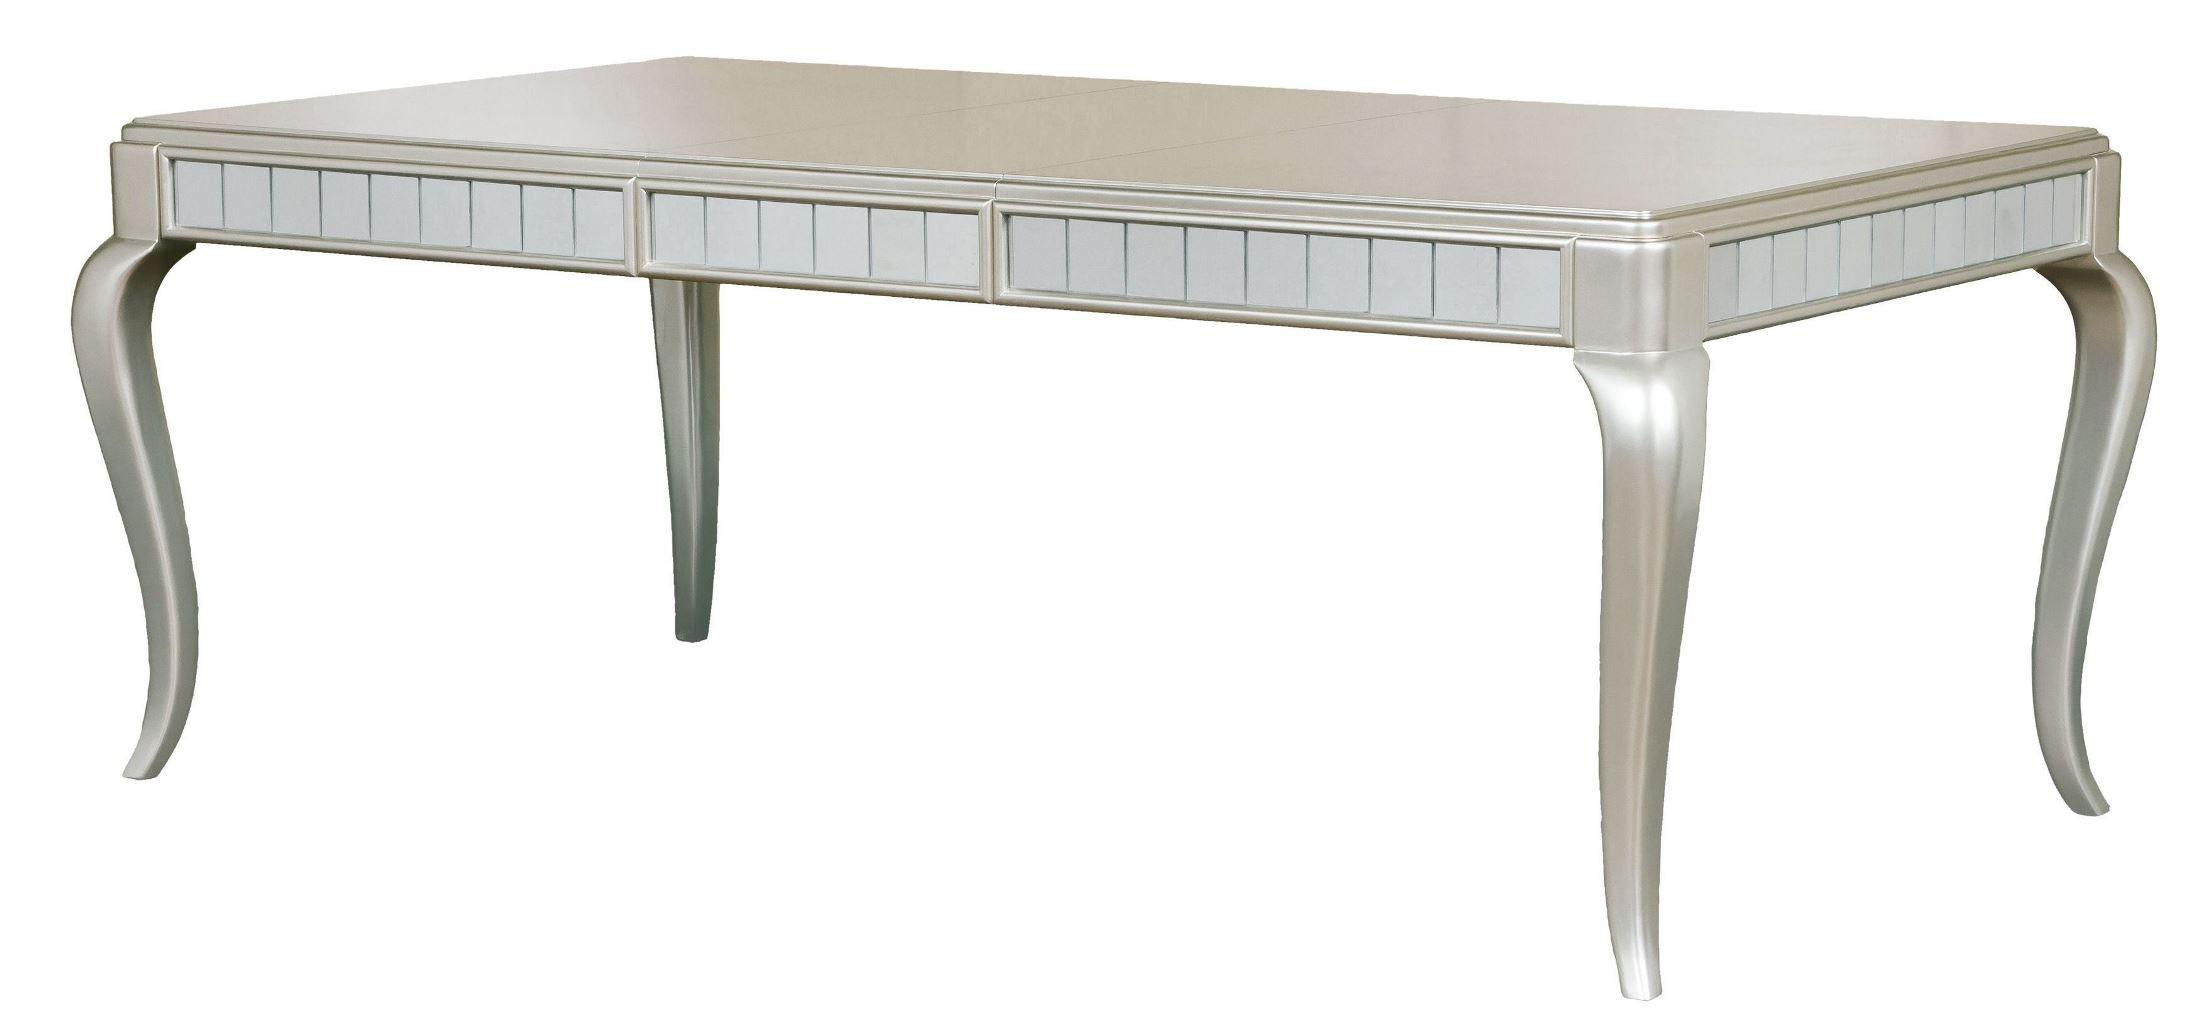 diva rectangular extendable leg dining room set from